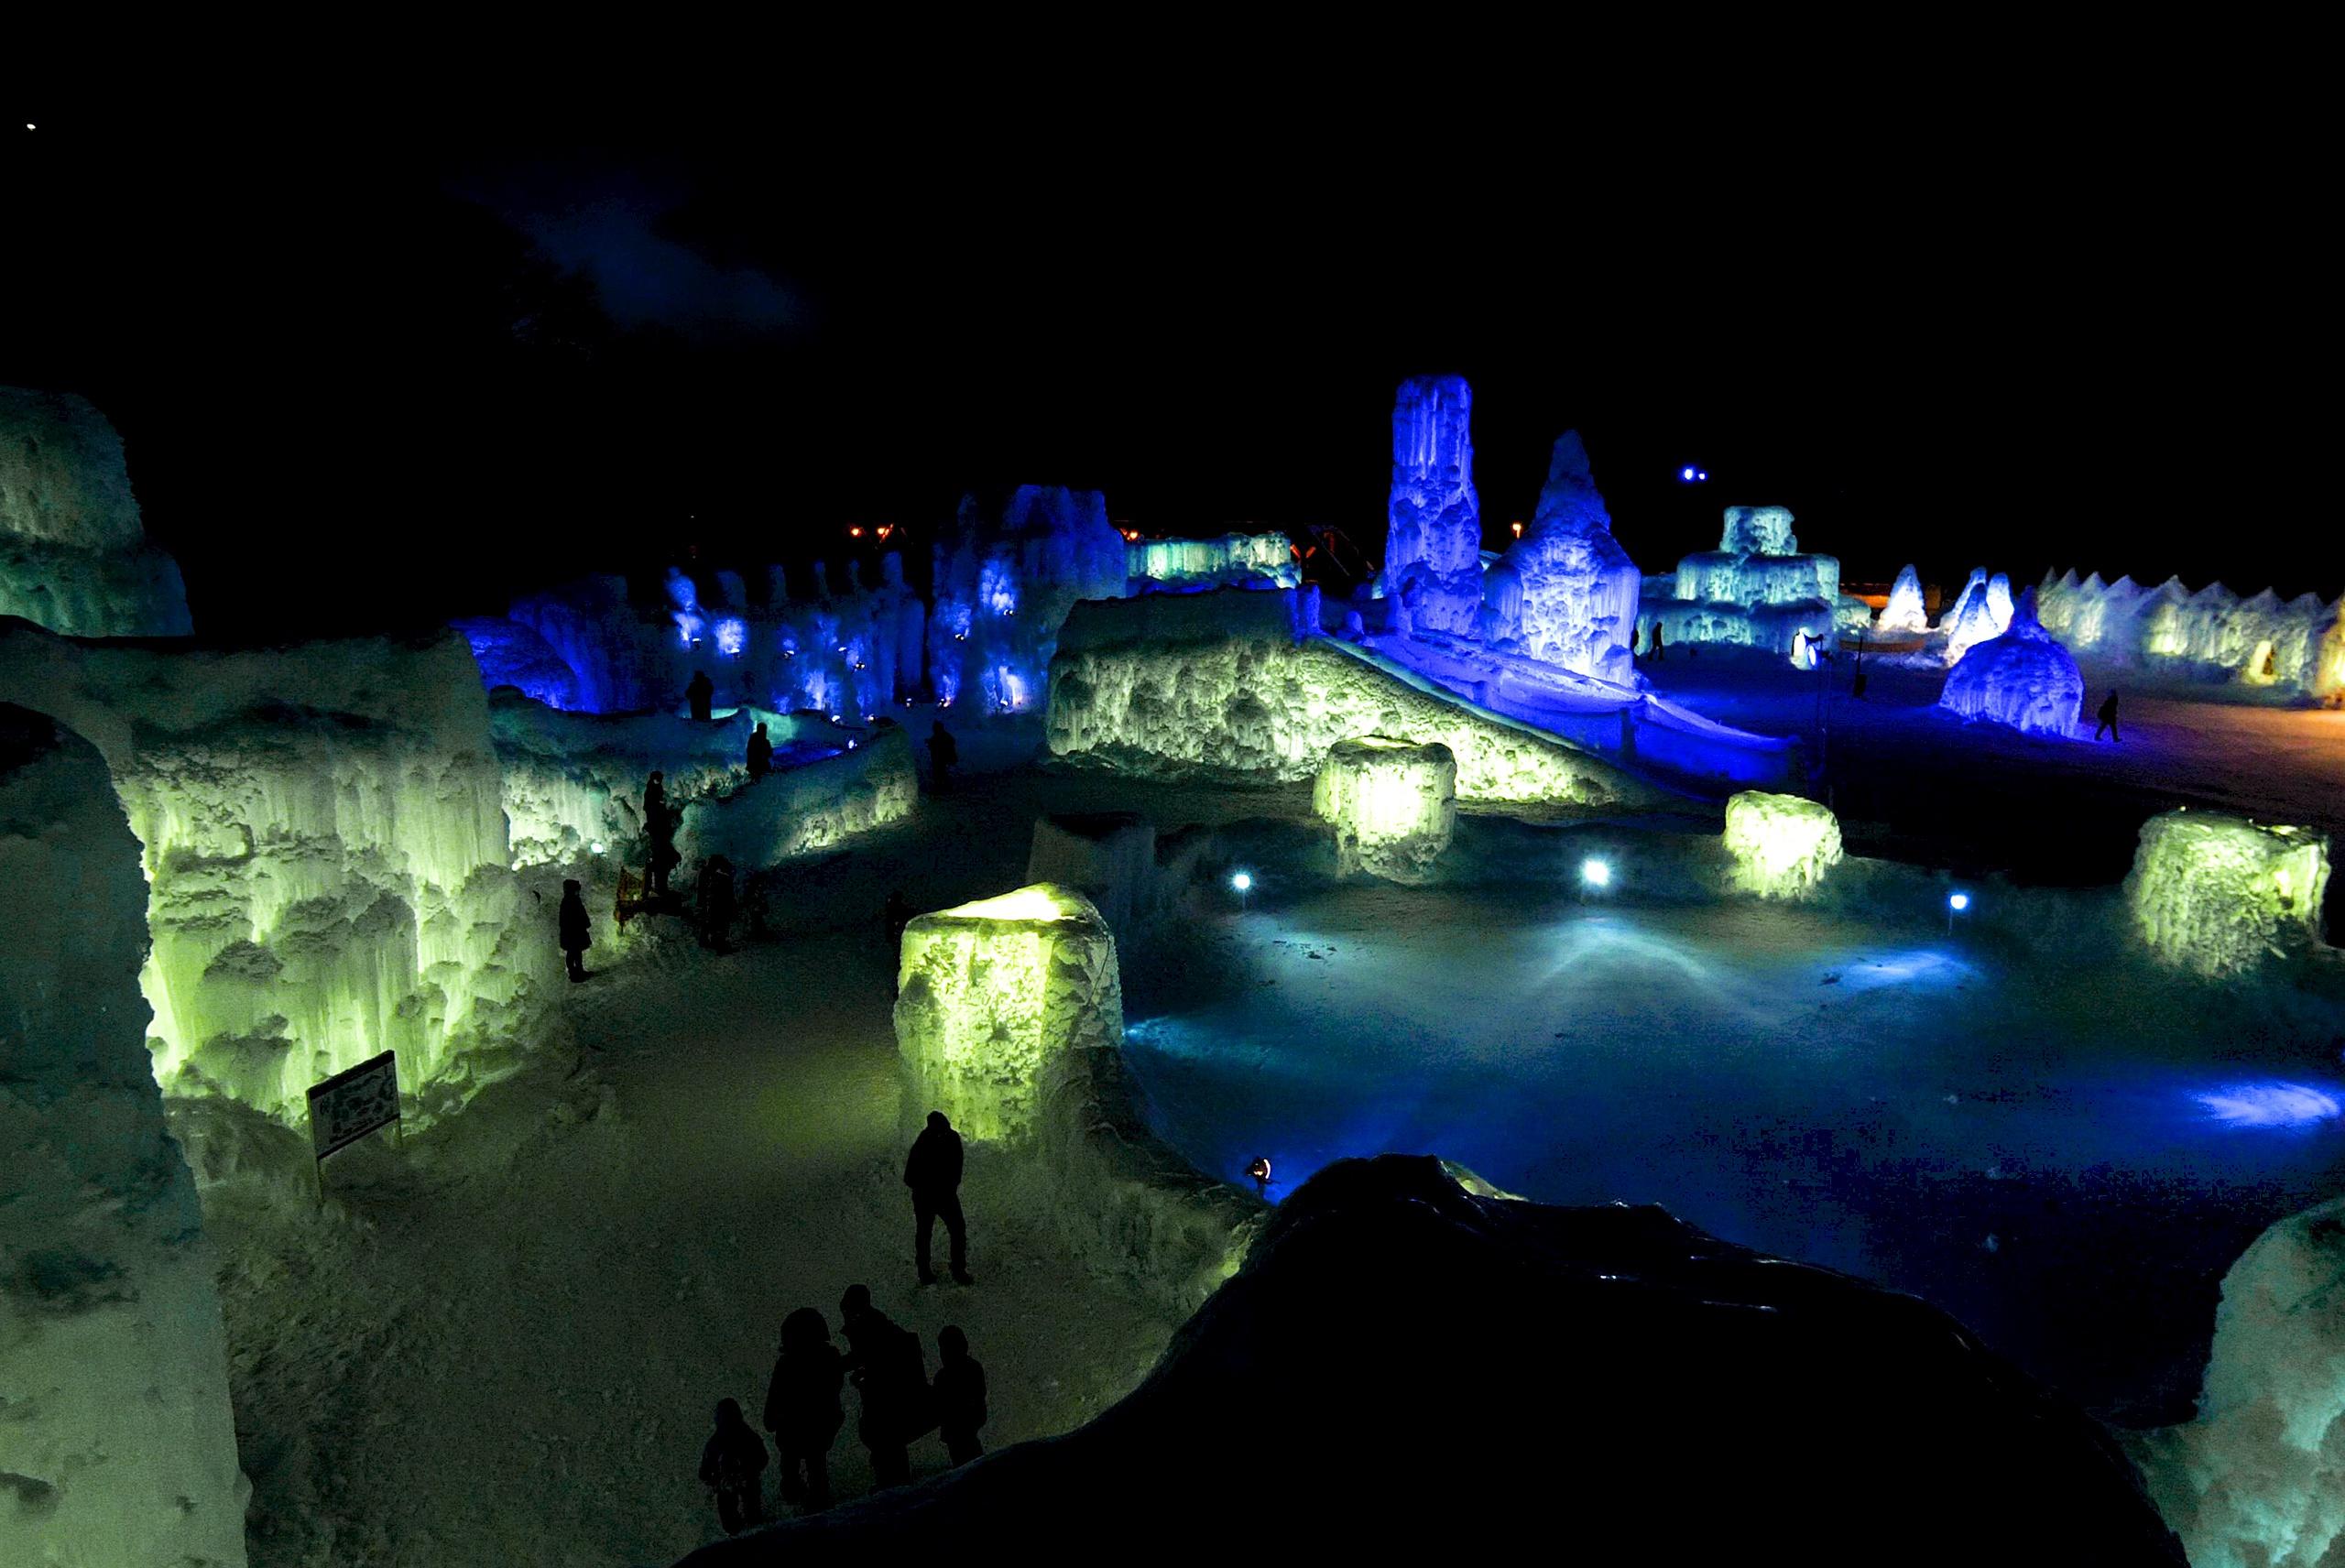 40回目の氷濤まつりはまだ終わらない!記念イベント「青の祭」開催中